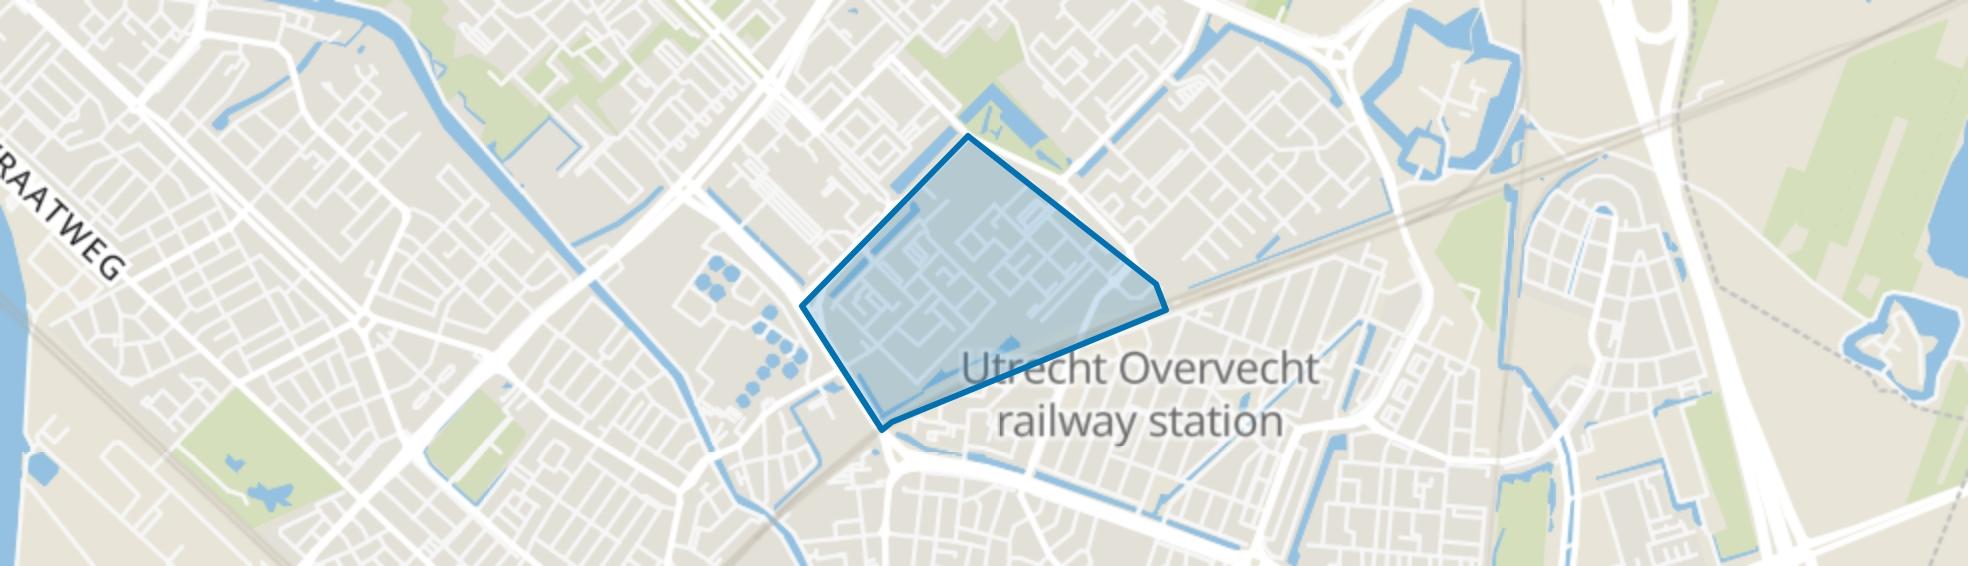 Taag- en Rubicondreef en omgeving, Utrecht map